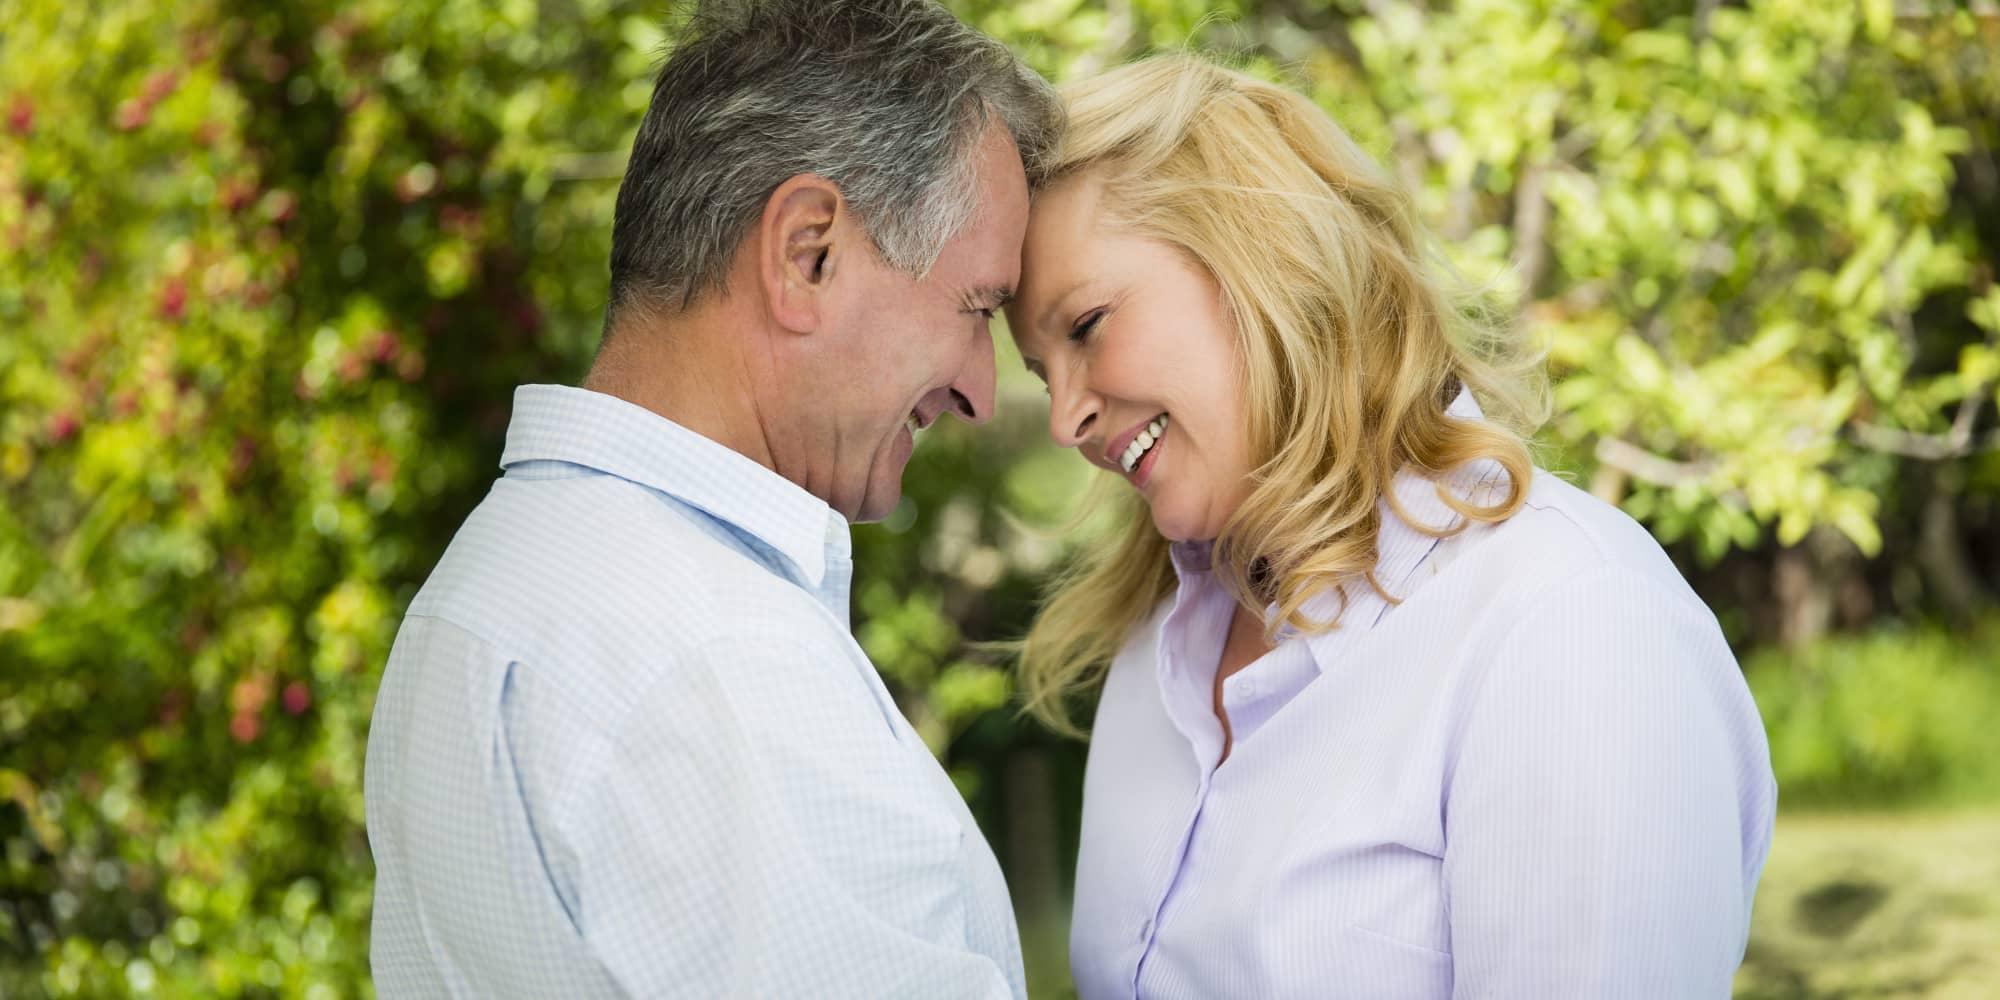 למה כדאי לכם לנסות למצוא אהבה באתר היכרויות?